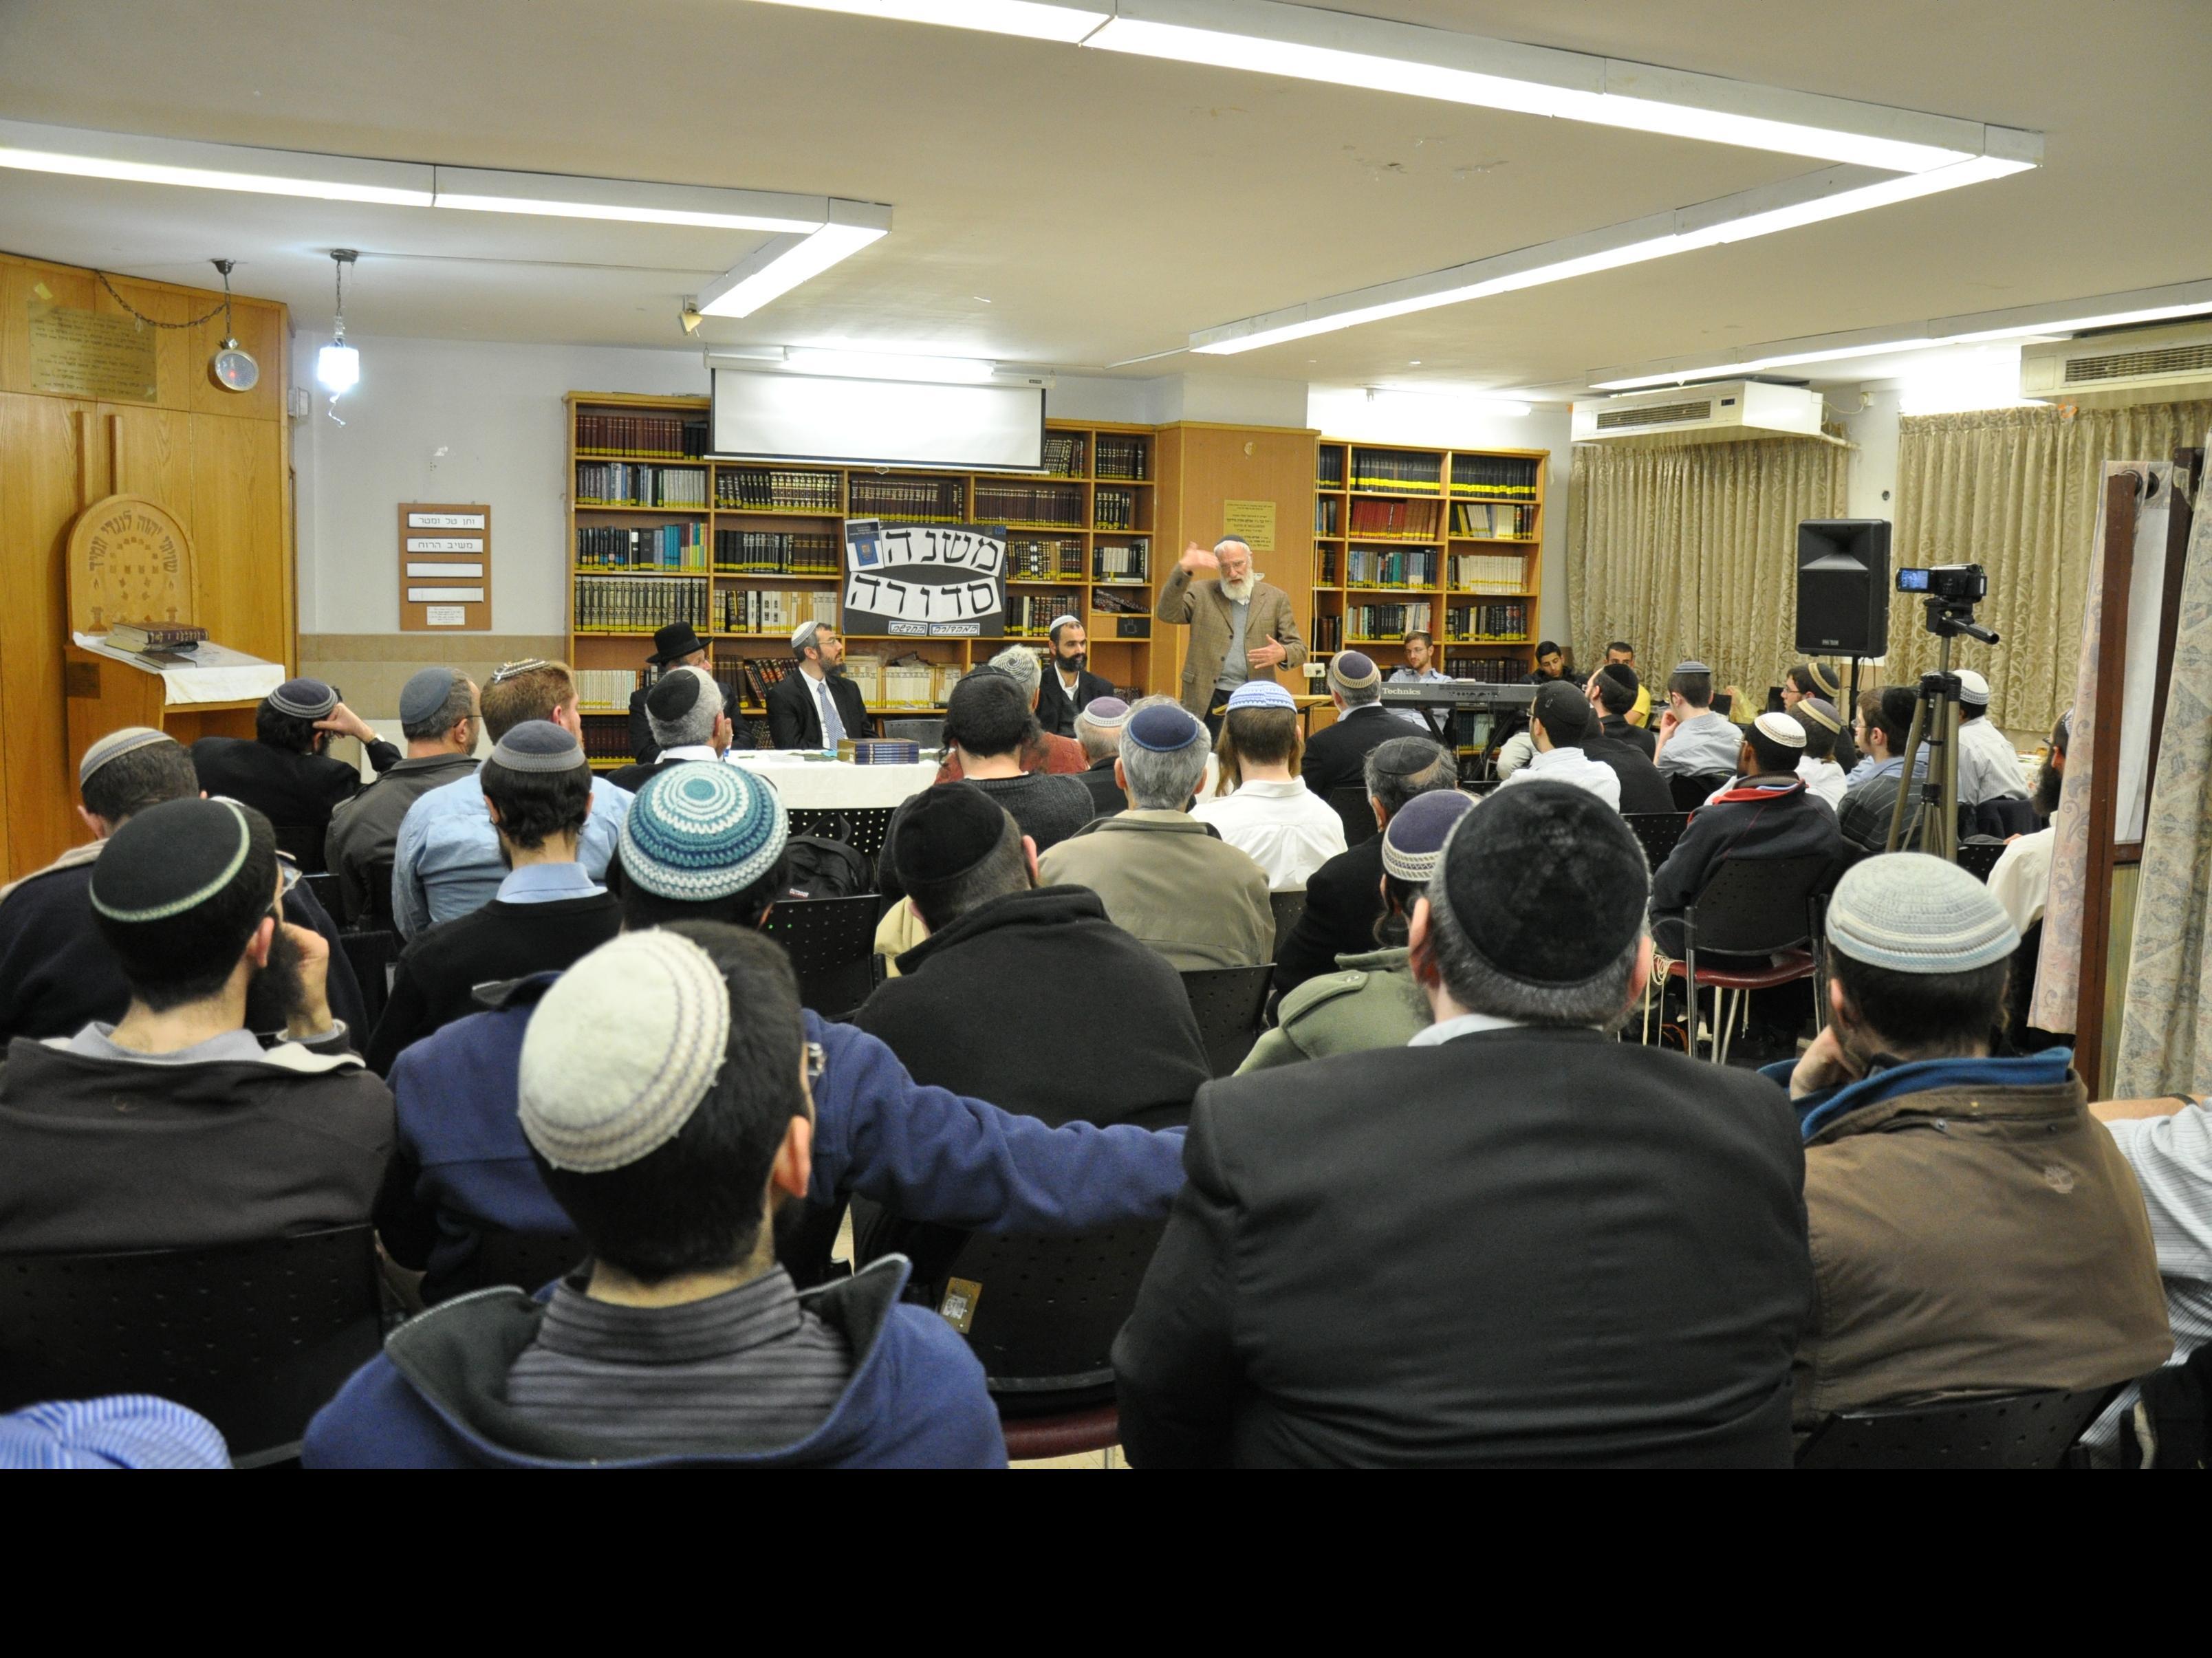 حكومة إسرائيل تبحث مجددا في قانون يهودية الدولة